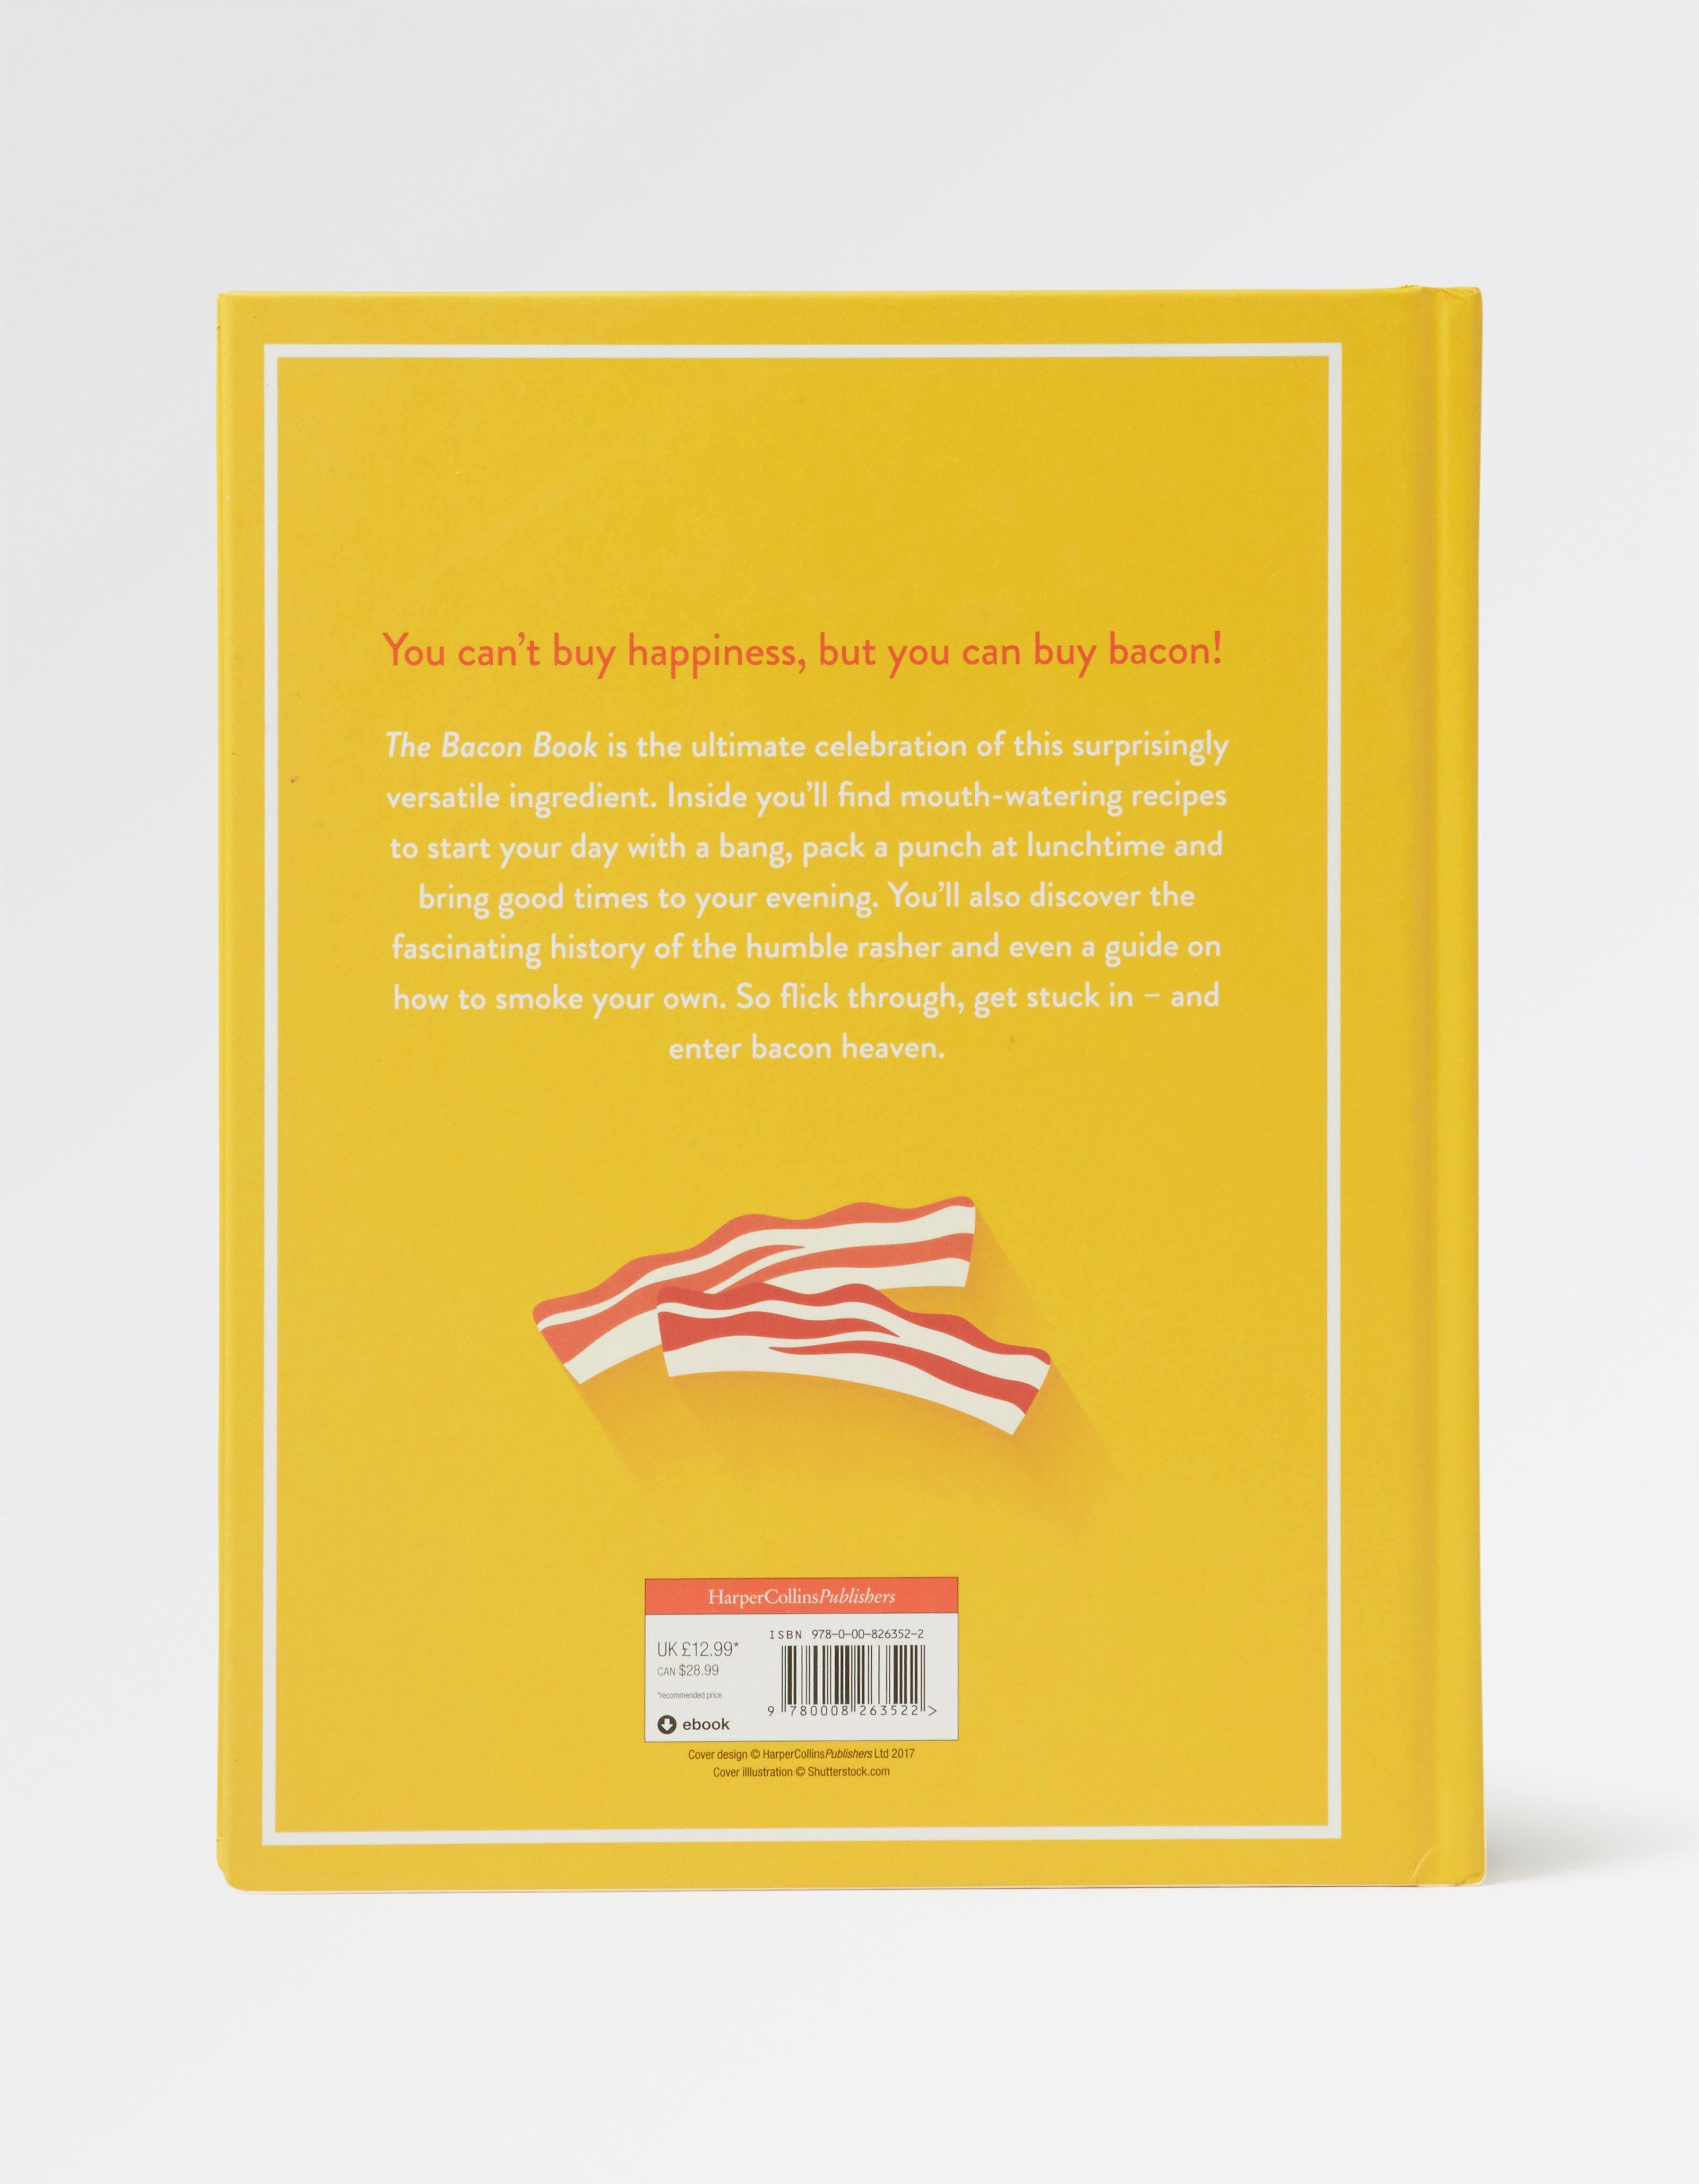 The Bacon Book